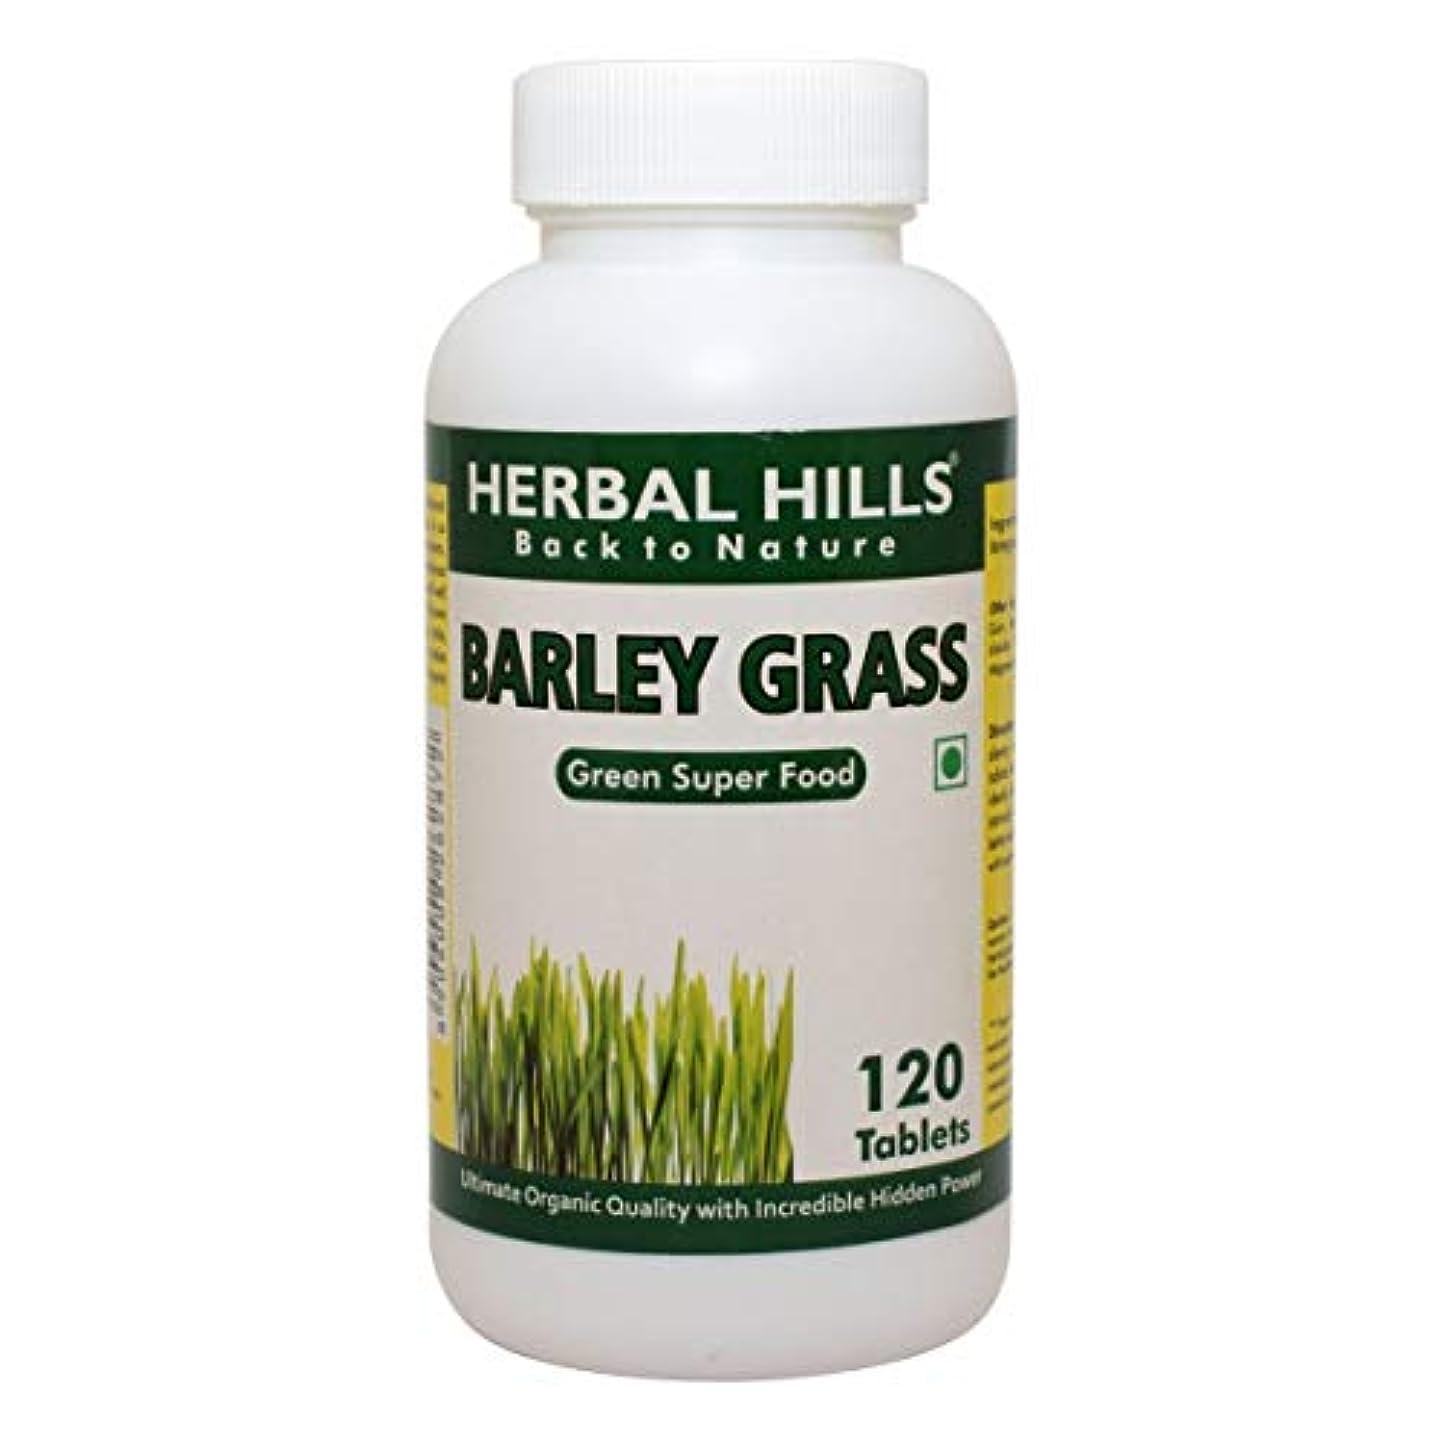 むしゃむしゃ旧正月囲いBarley Grass Food Supplement 500mg, 120 Tablets - 大麦草食品サプリメント